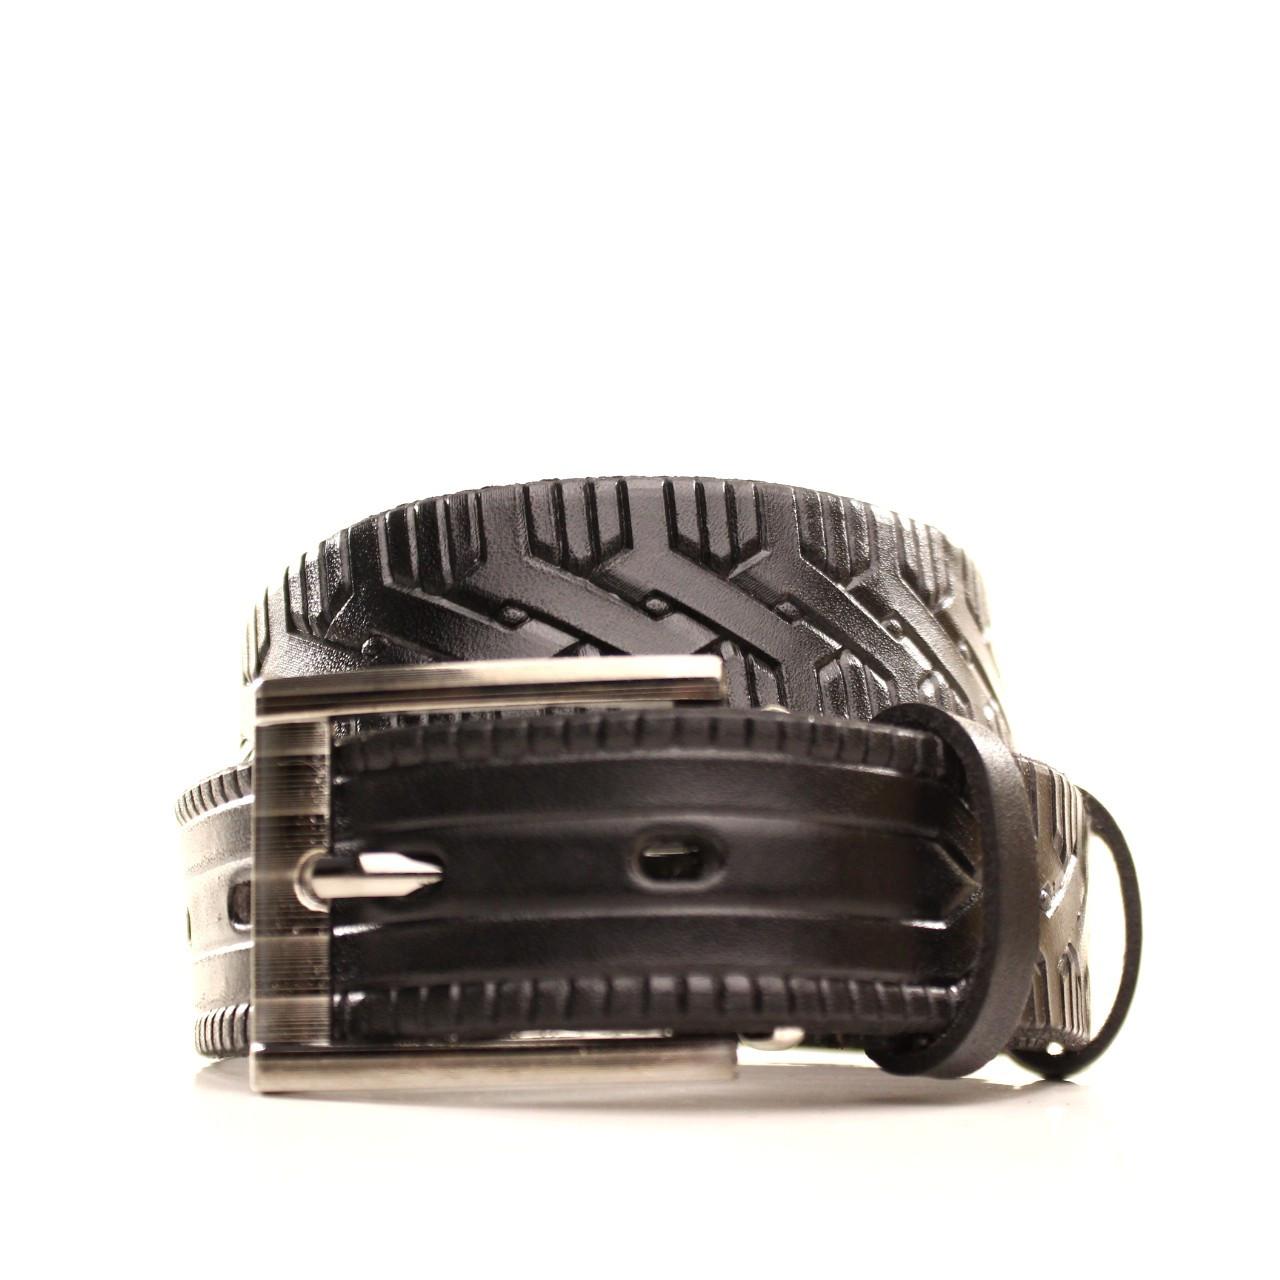 Ремень кожаный Lazar 70-80 см черный l30u3w7